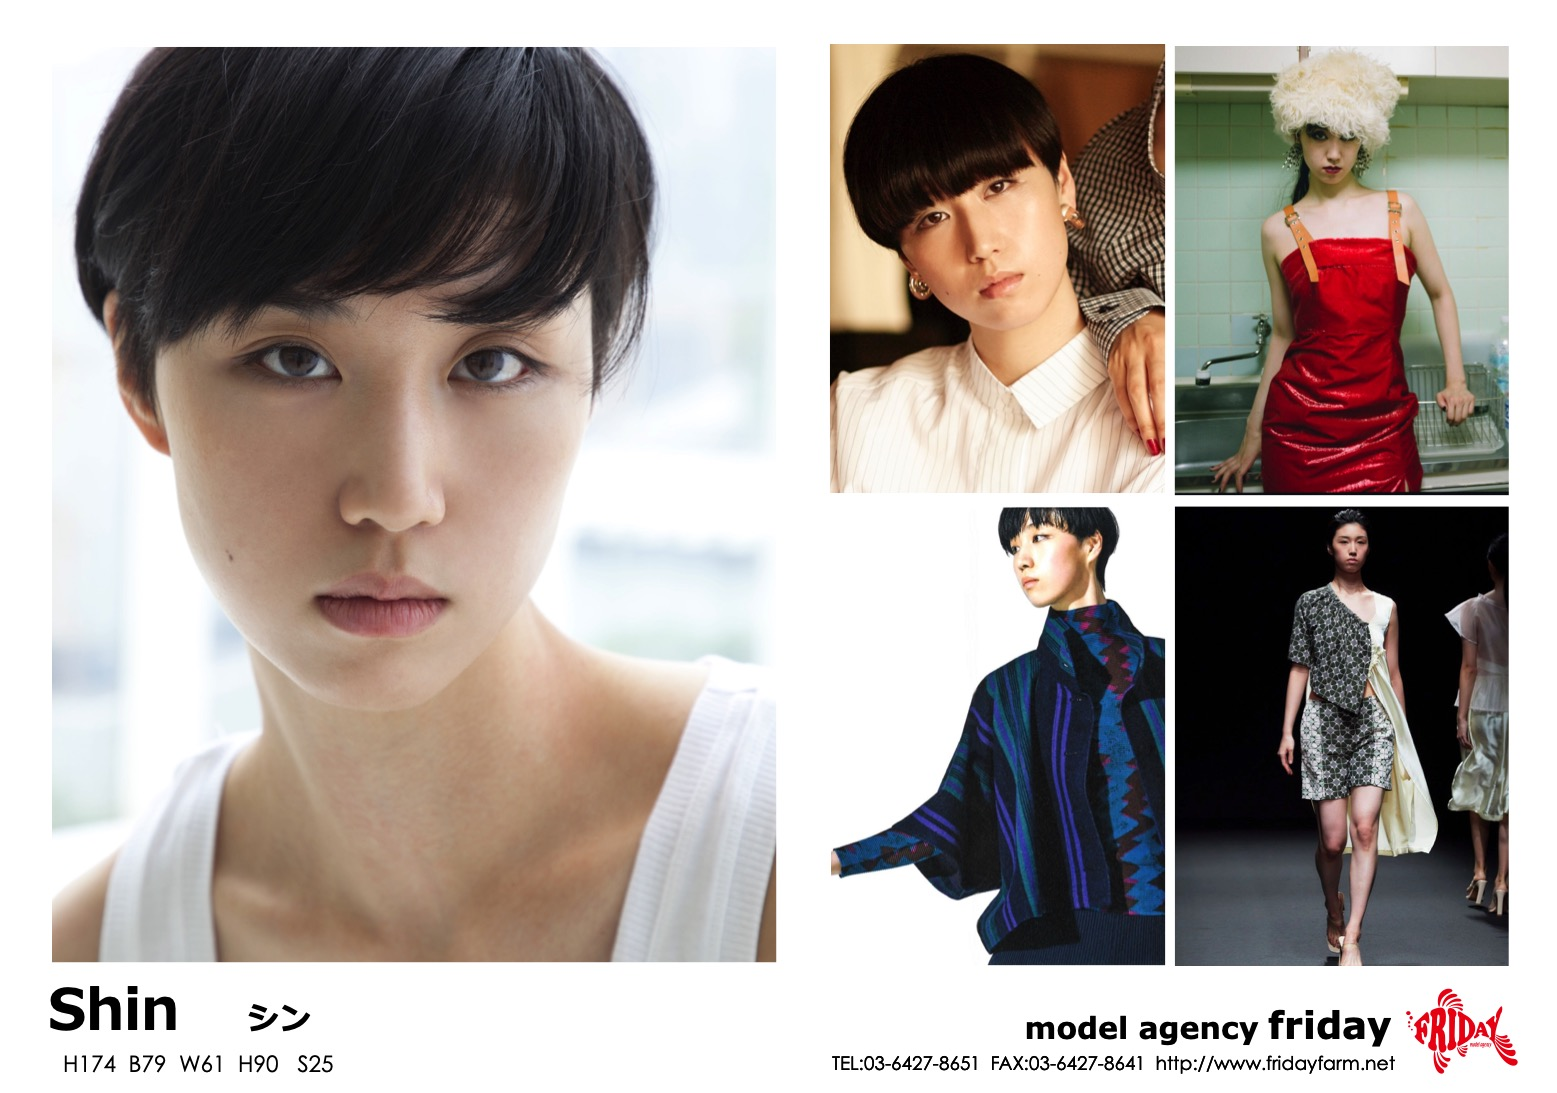 Shin - シン | model agency friday